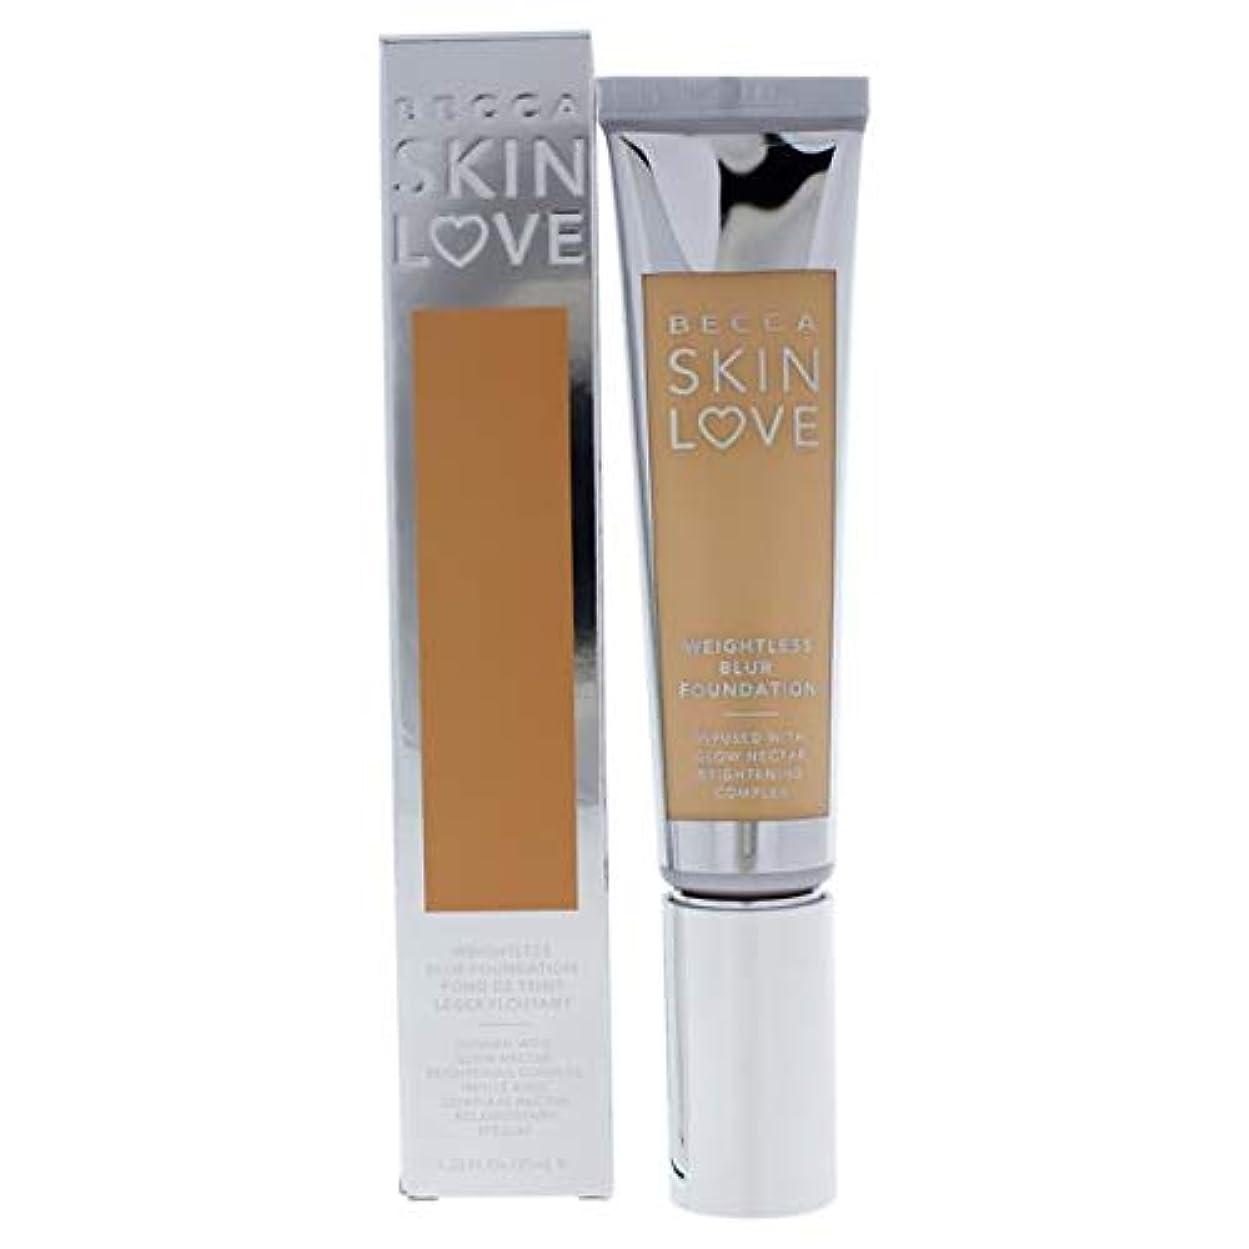 四半期提案量ベッカ Skin Love Weightless Blur Foundation - # Vanilla 35ml/1.23oz並行輸入品